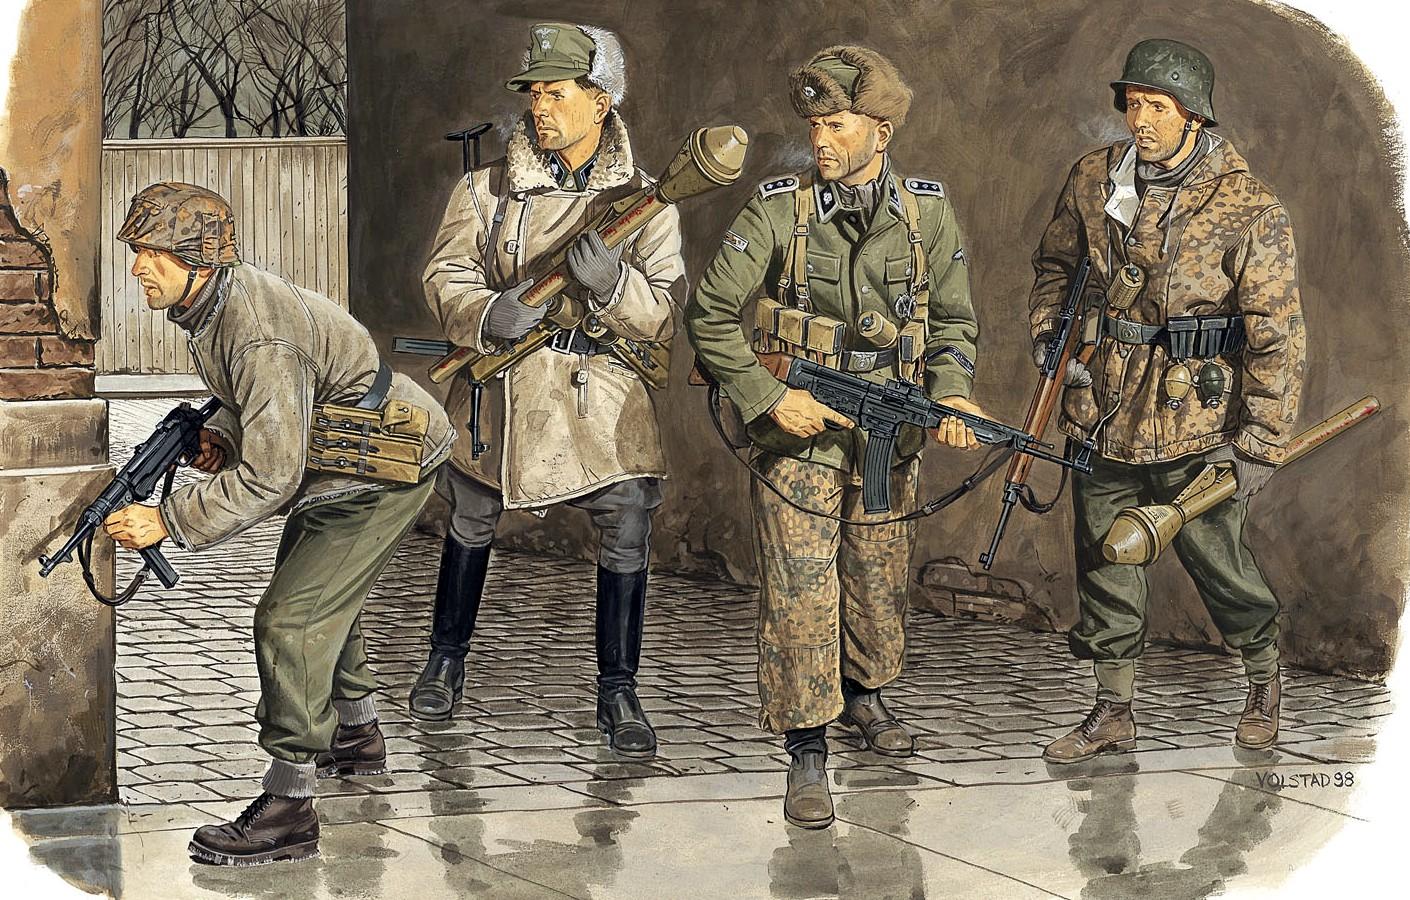 Volstad Ronald. Солдаты дивизии «Totenkopf».